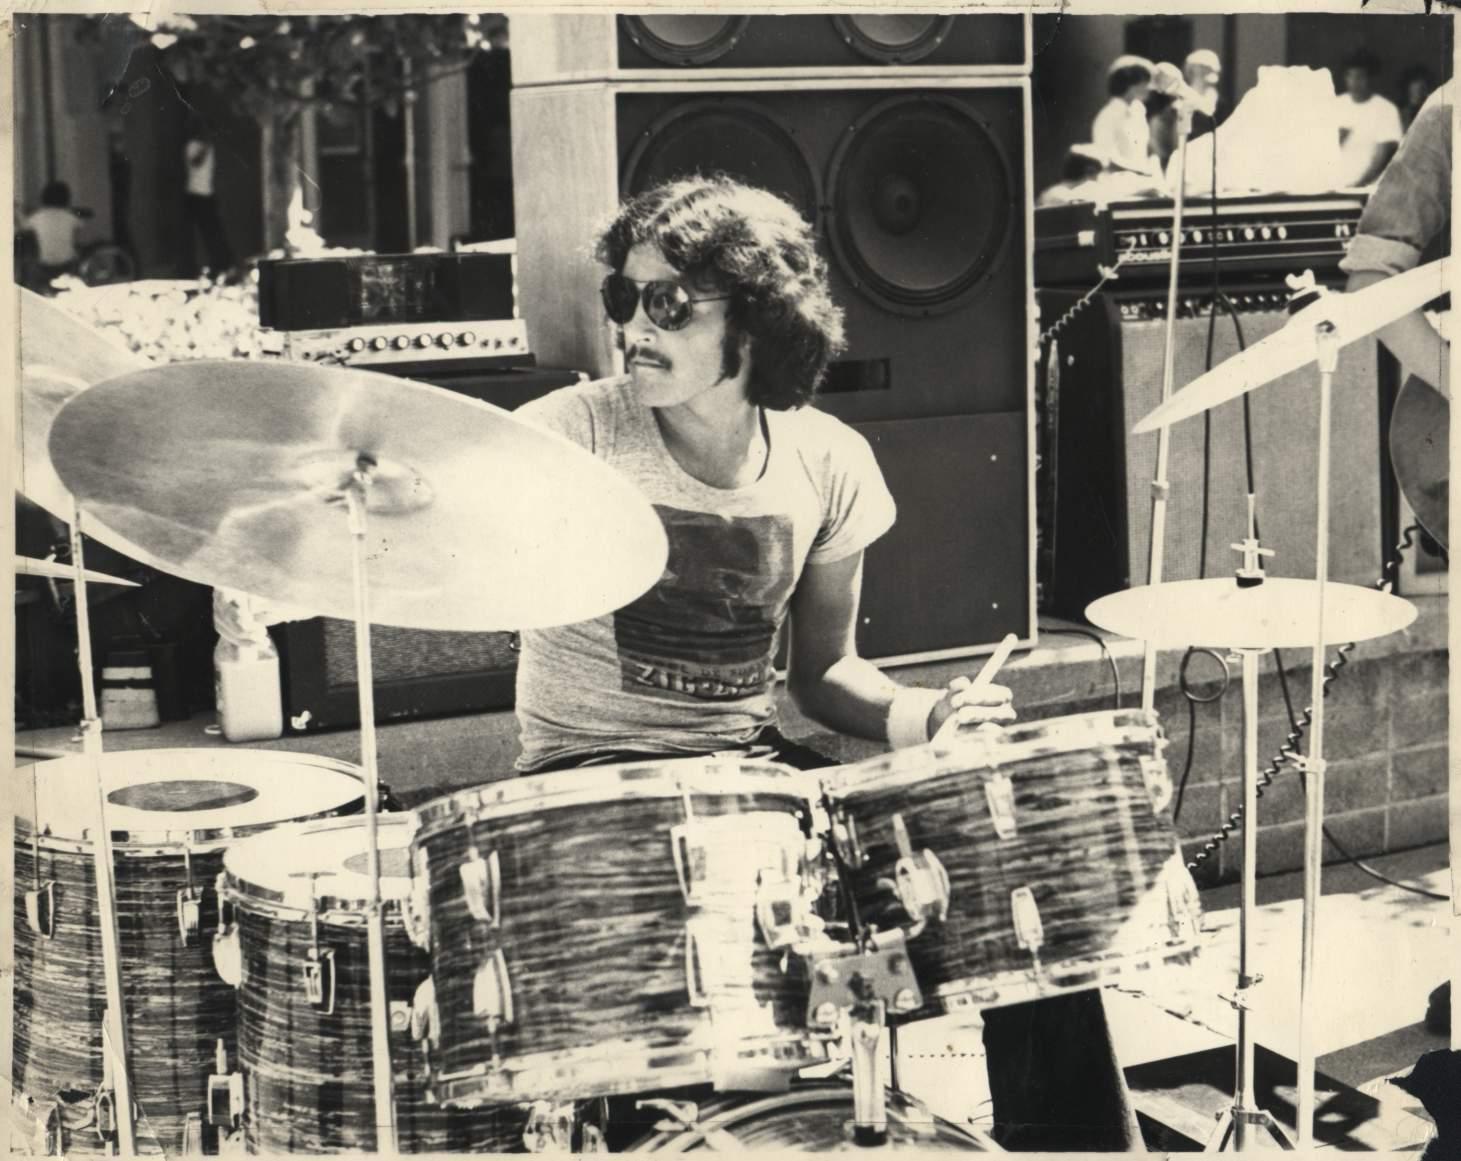 John 'JT' Trombitas performing at Mt. Tam High School in 1974